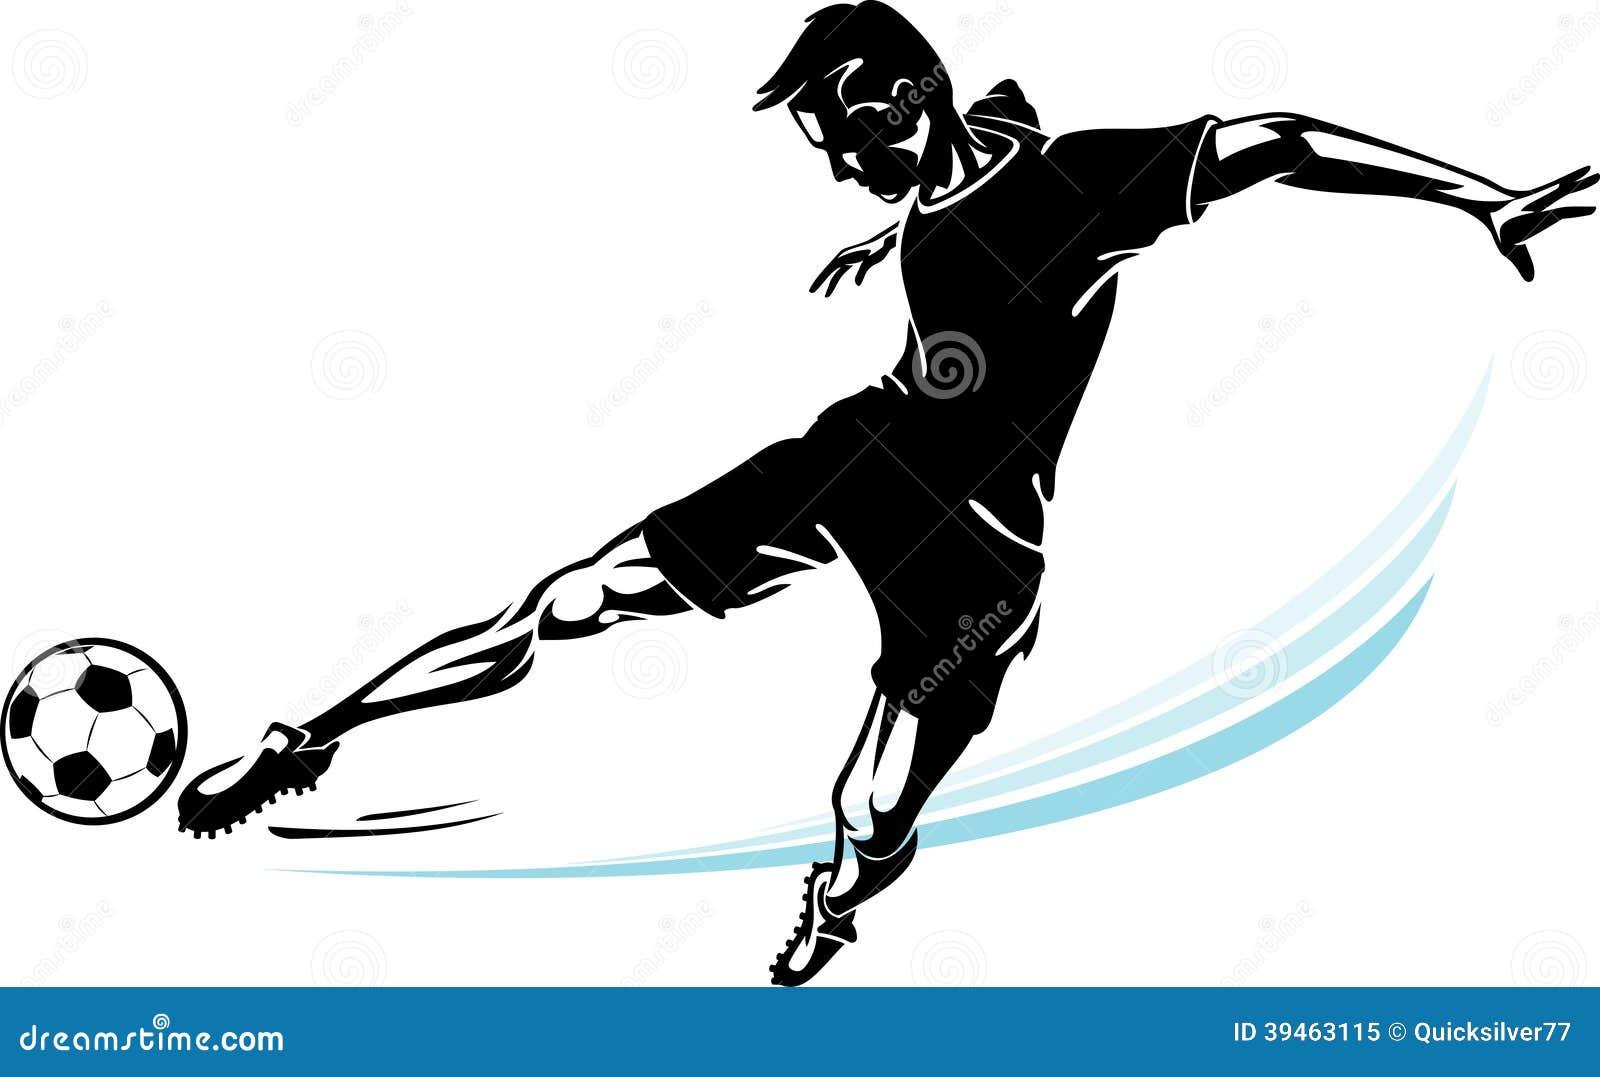 Jugador De Fútbol Y Su Retroceso De La Velocidad Stock de